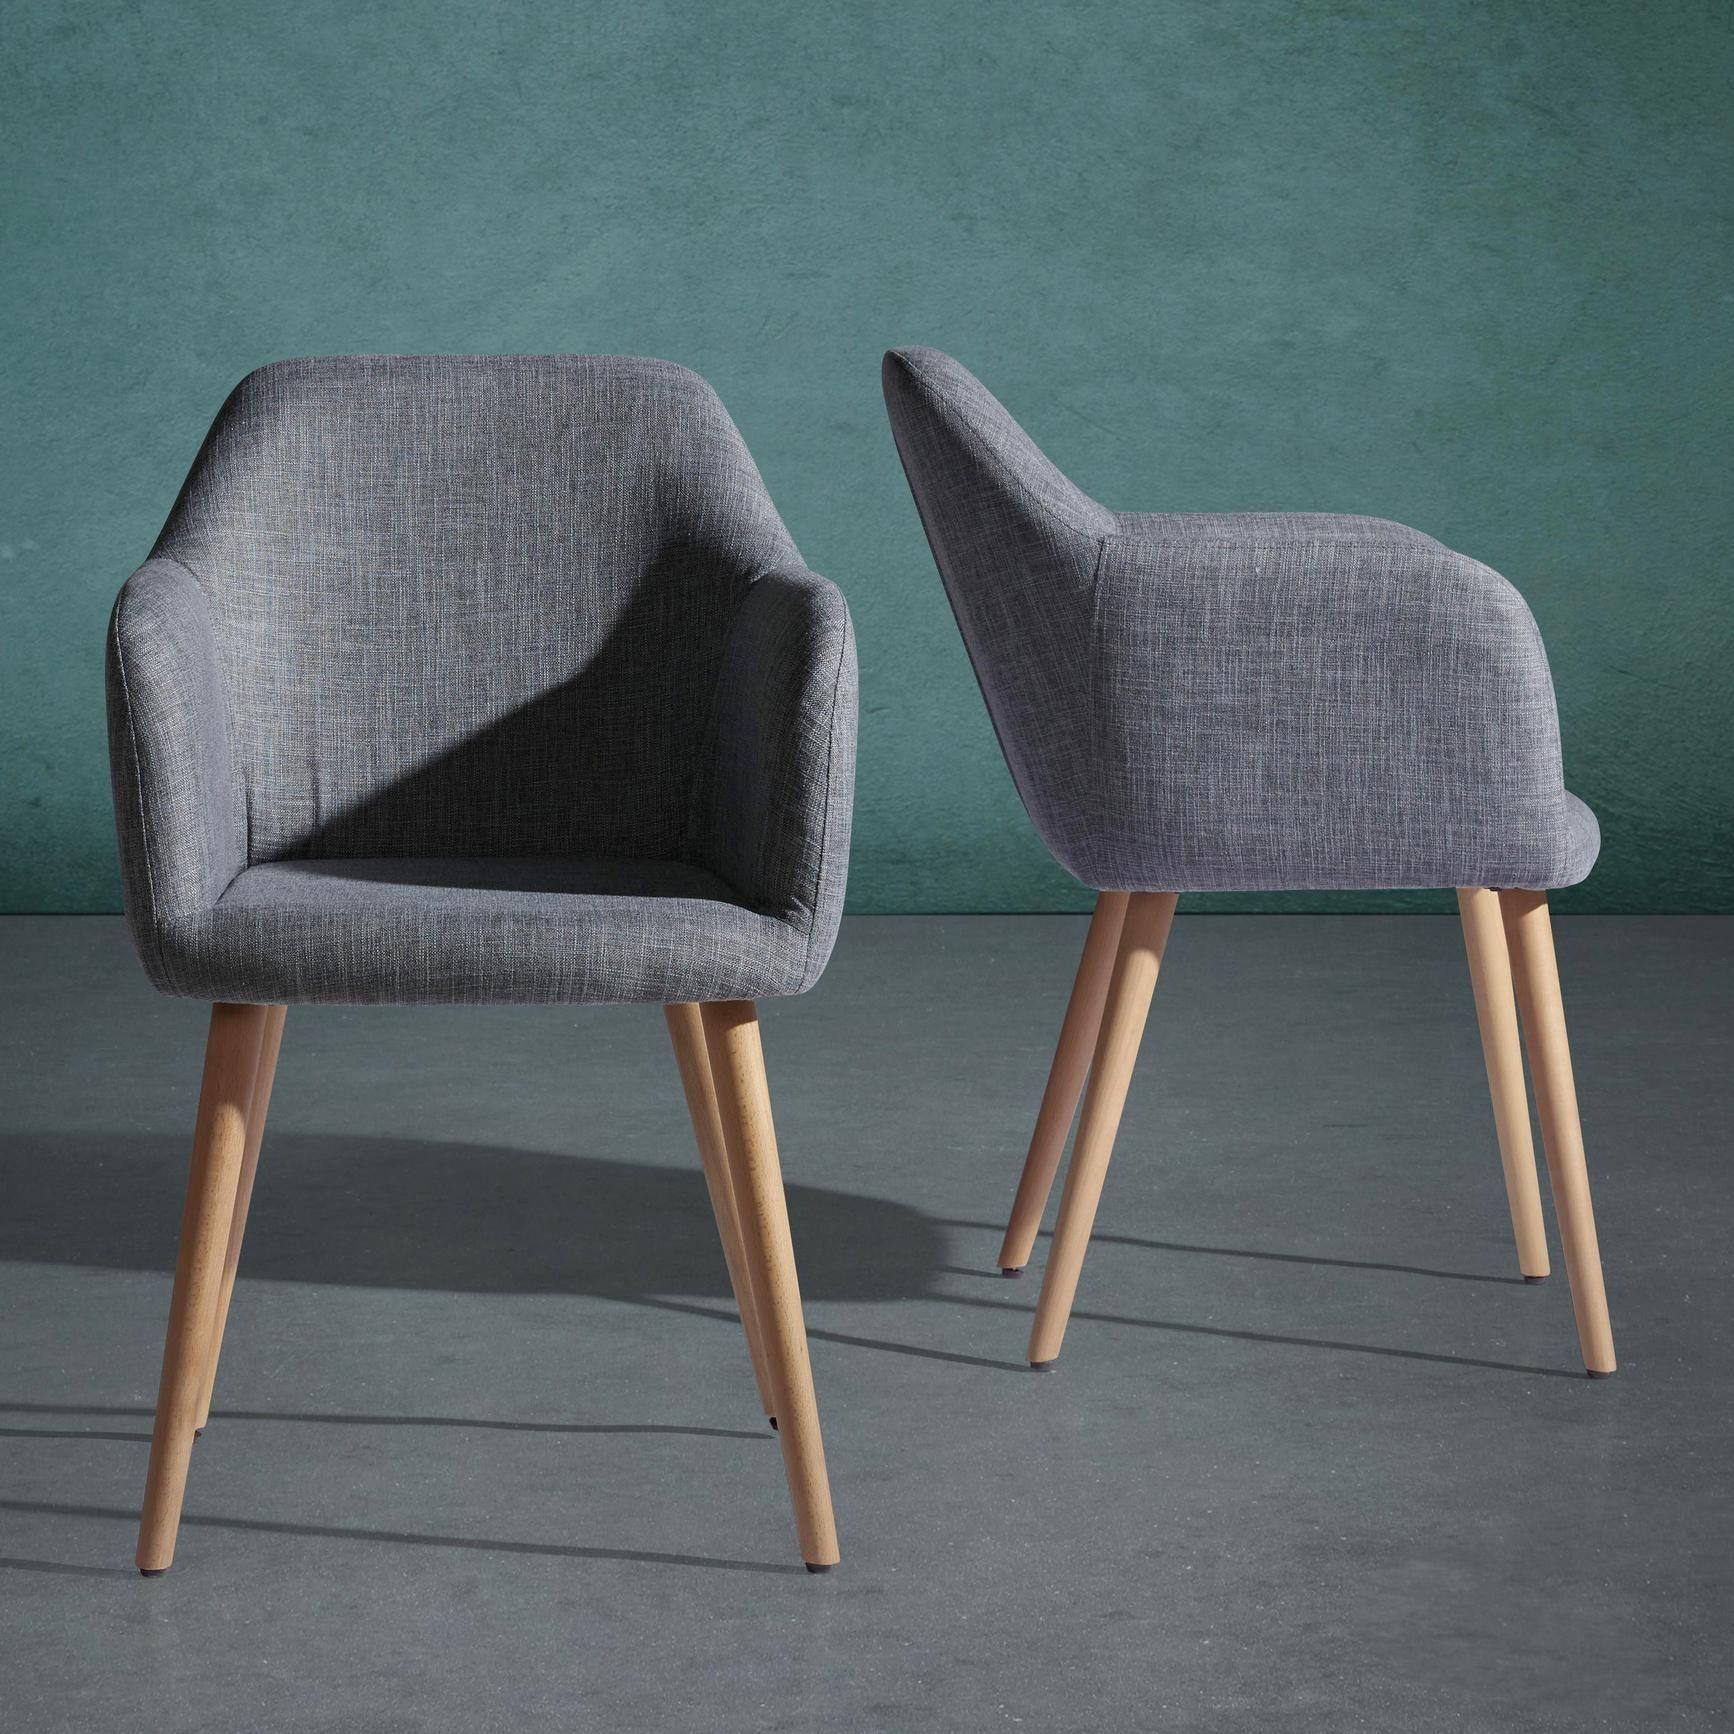 Stuhl Ilona online kaufen mömax   Stühle, Esstisch stühle ...